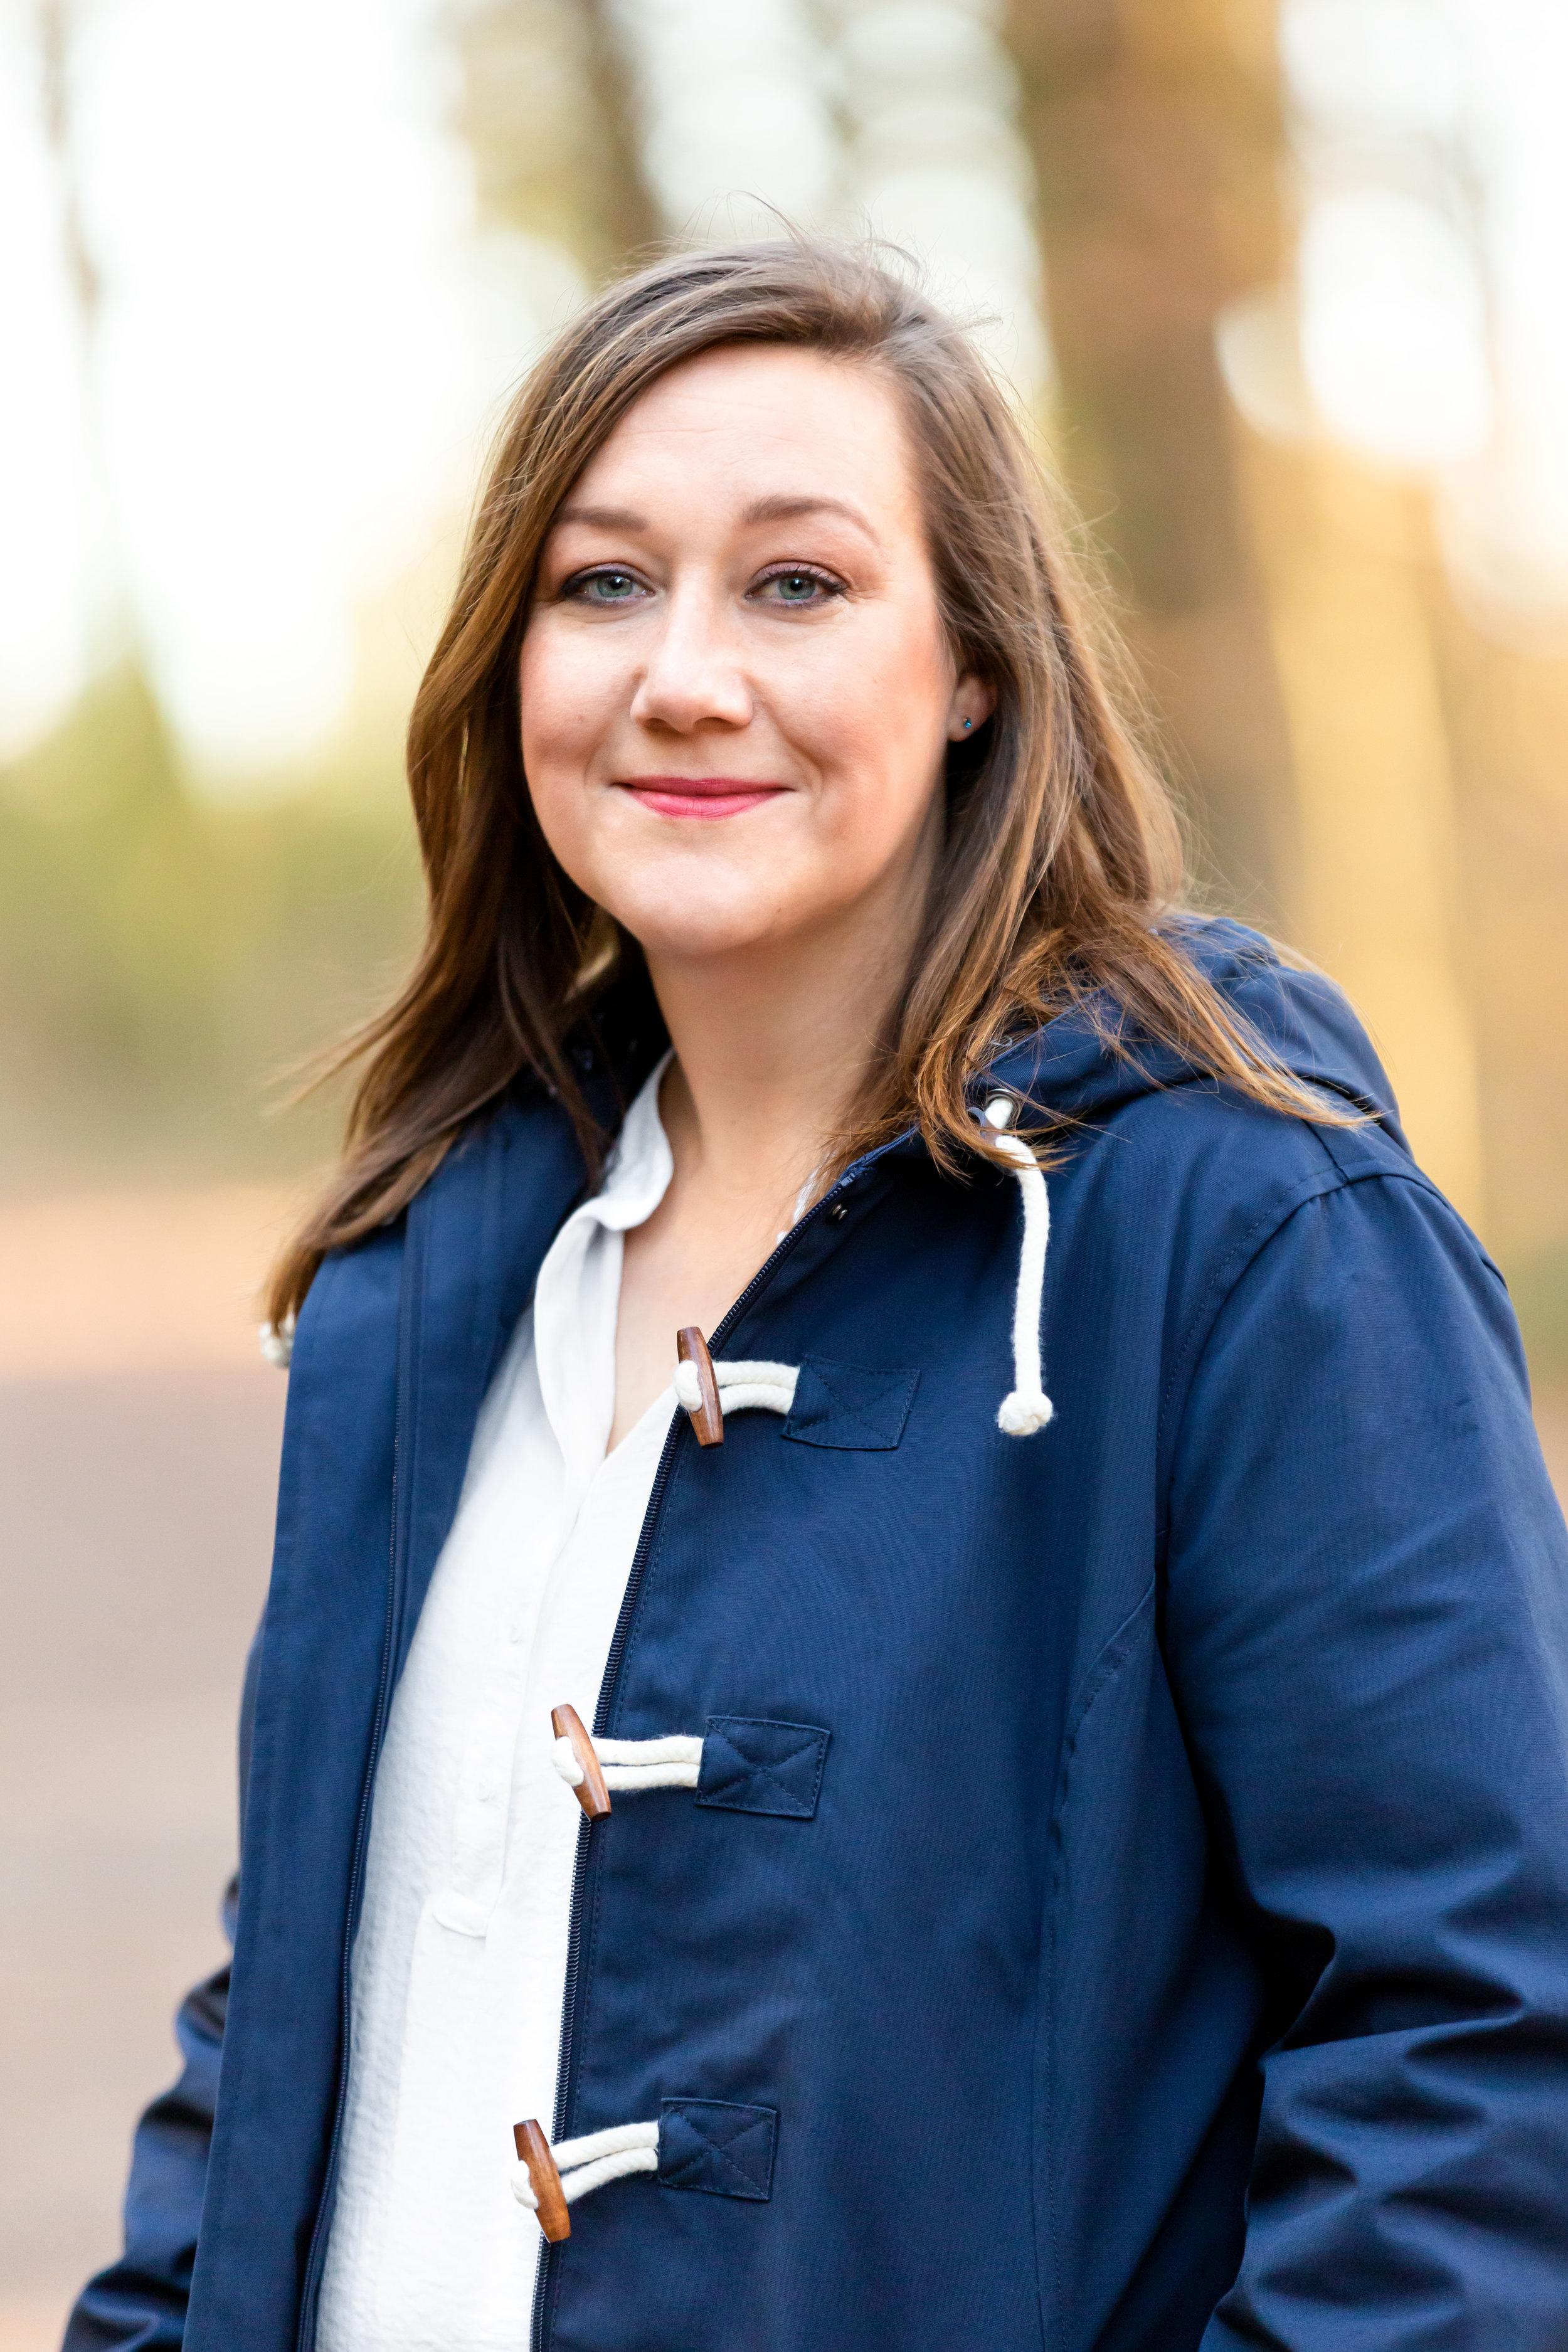 Ich bin Stephanie Stratton, freie Texterin für Unternehmen mit Herz und Hirn. Meine Lieblingsthemen: Camping, Outdoor, Hund und Persönlichkeitsentwicklung. Ich freue mich, von dir zu lesen!